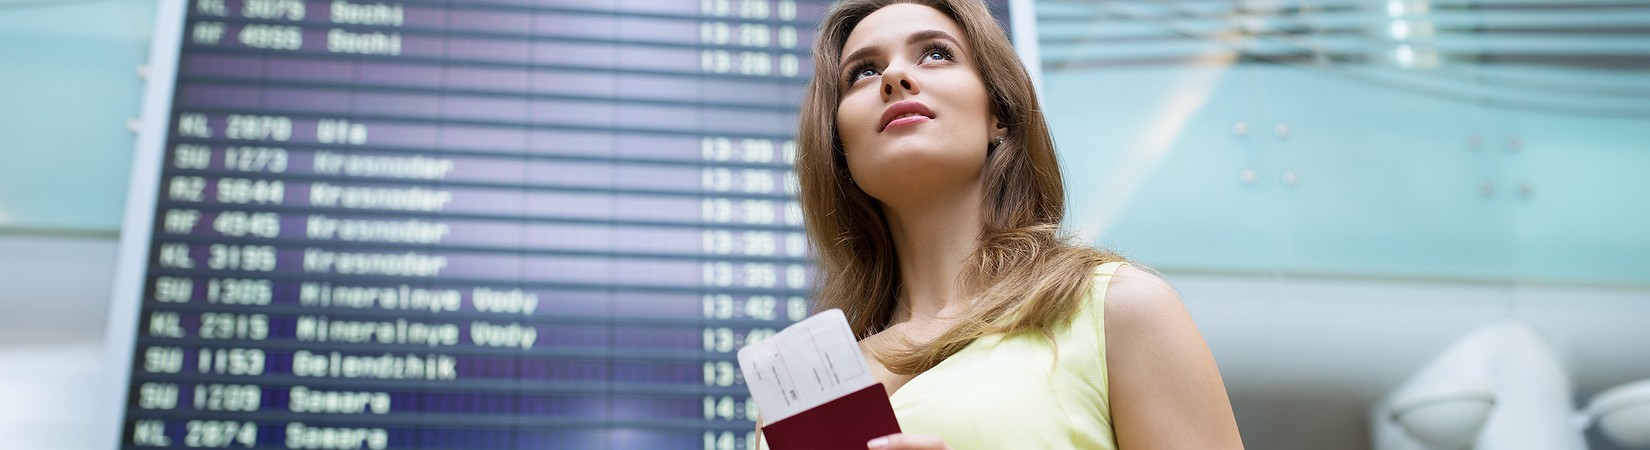 ¿Cómo determinan sus tarifas las compañías aéreas?